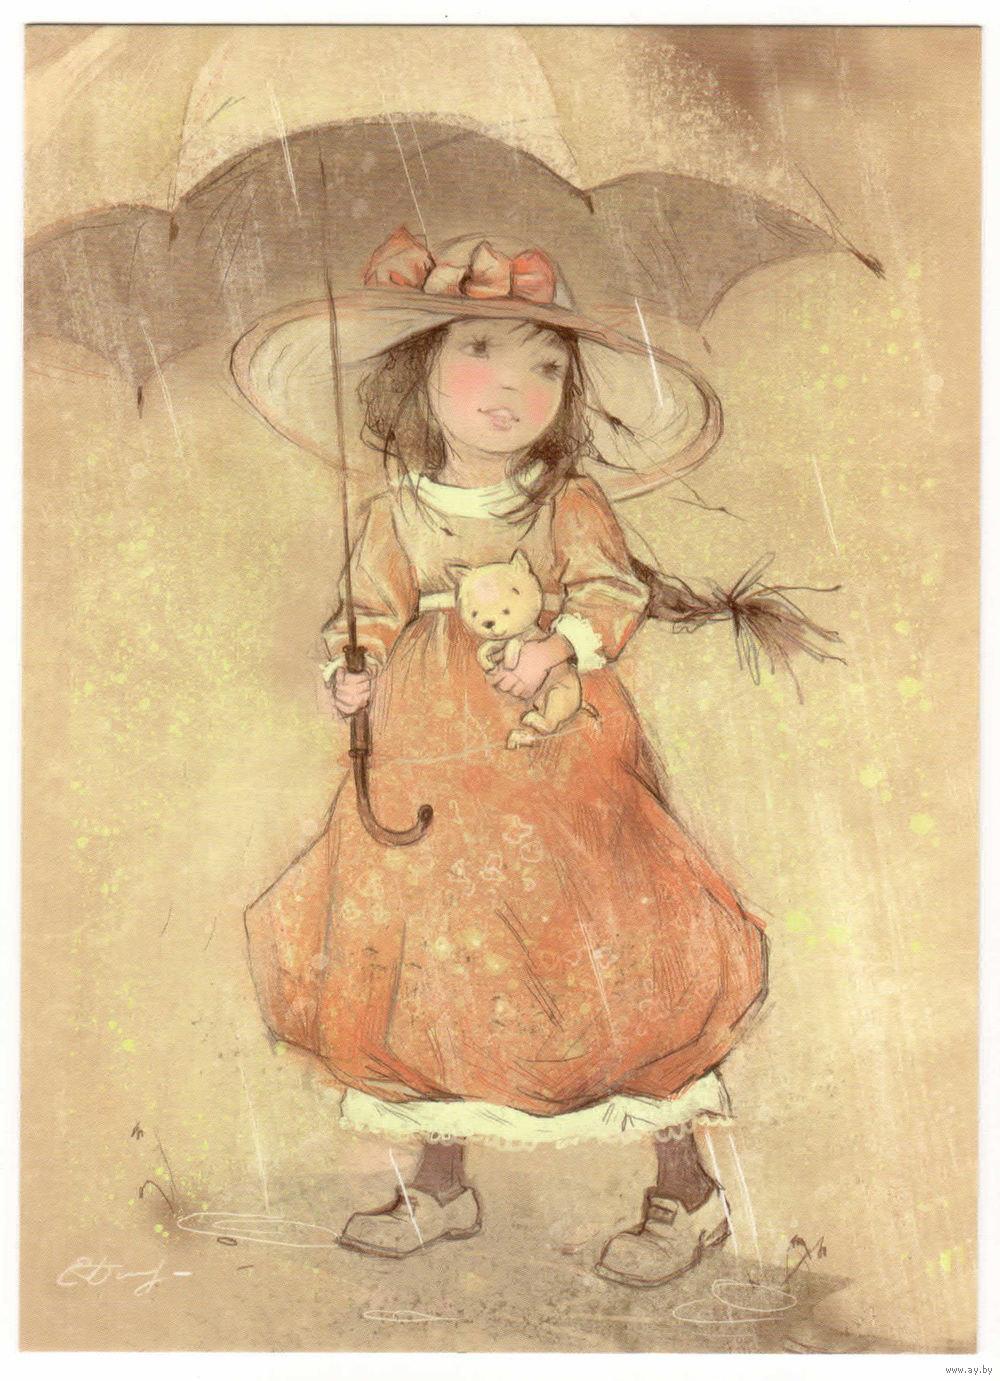 Песочные часы, красивые картинки художников иллюстраторов